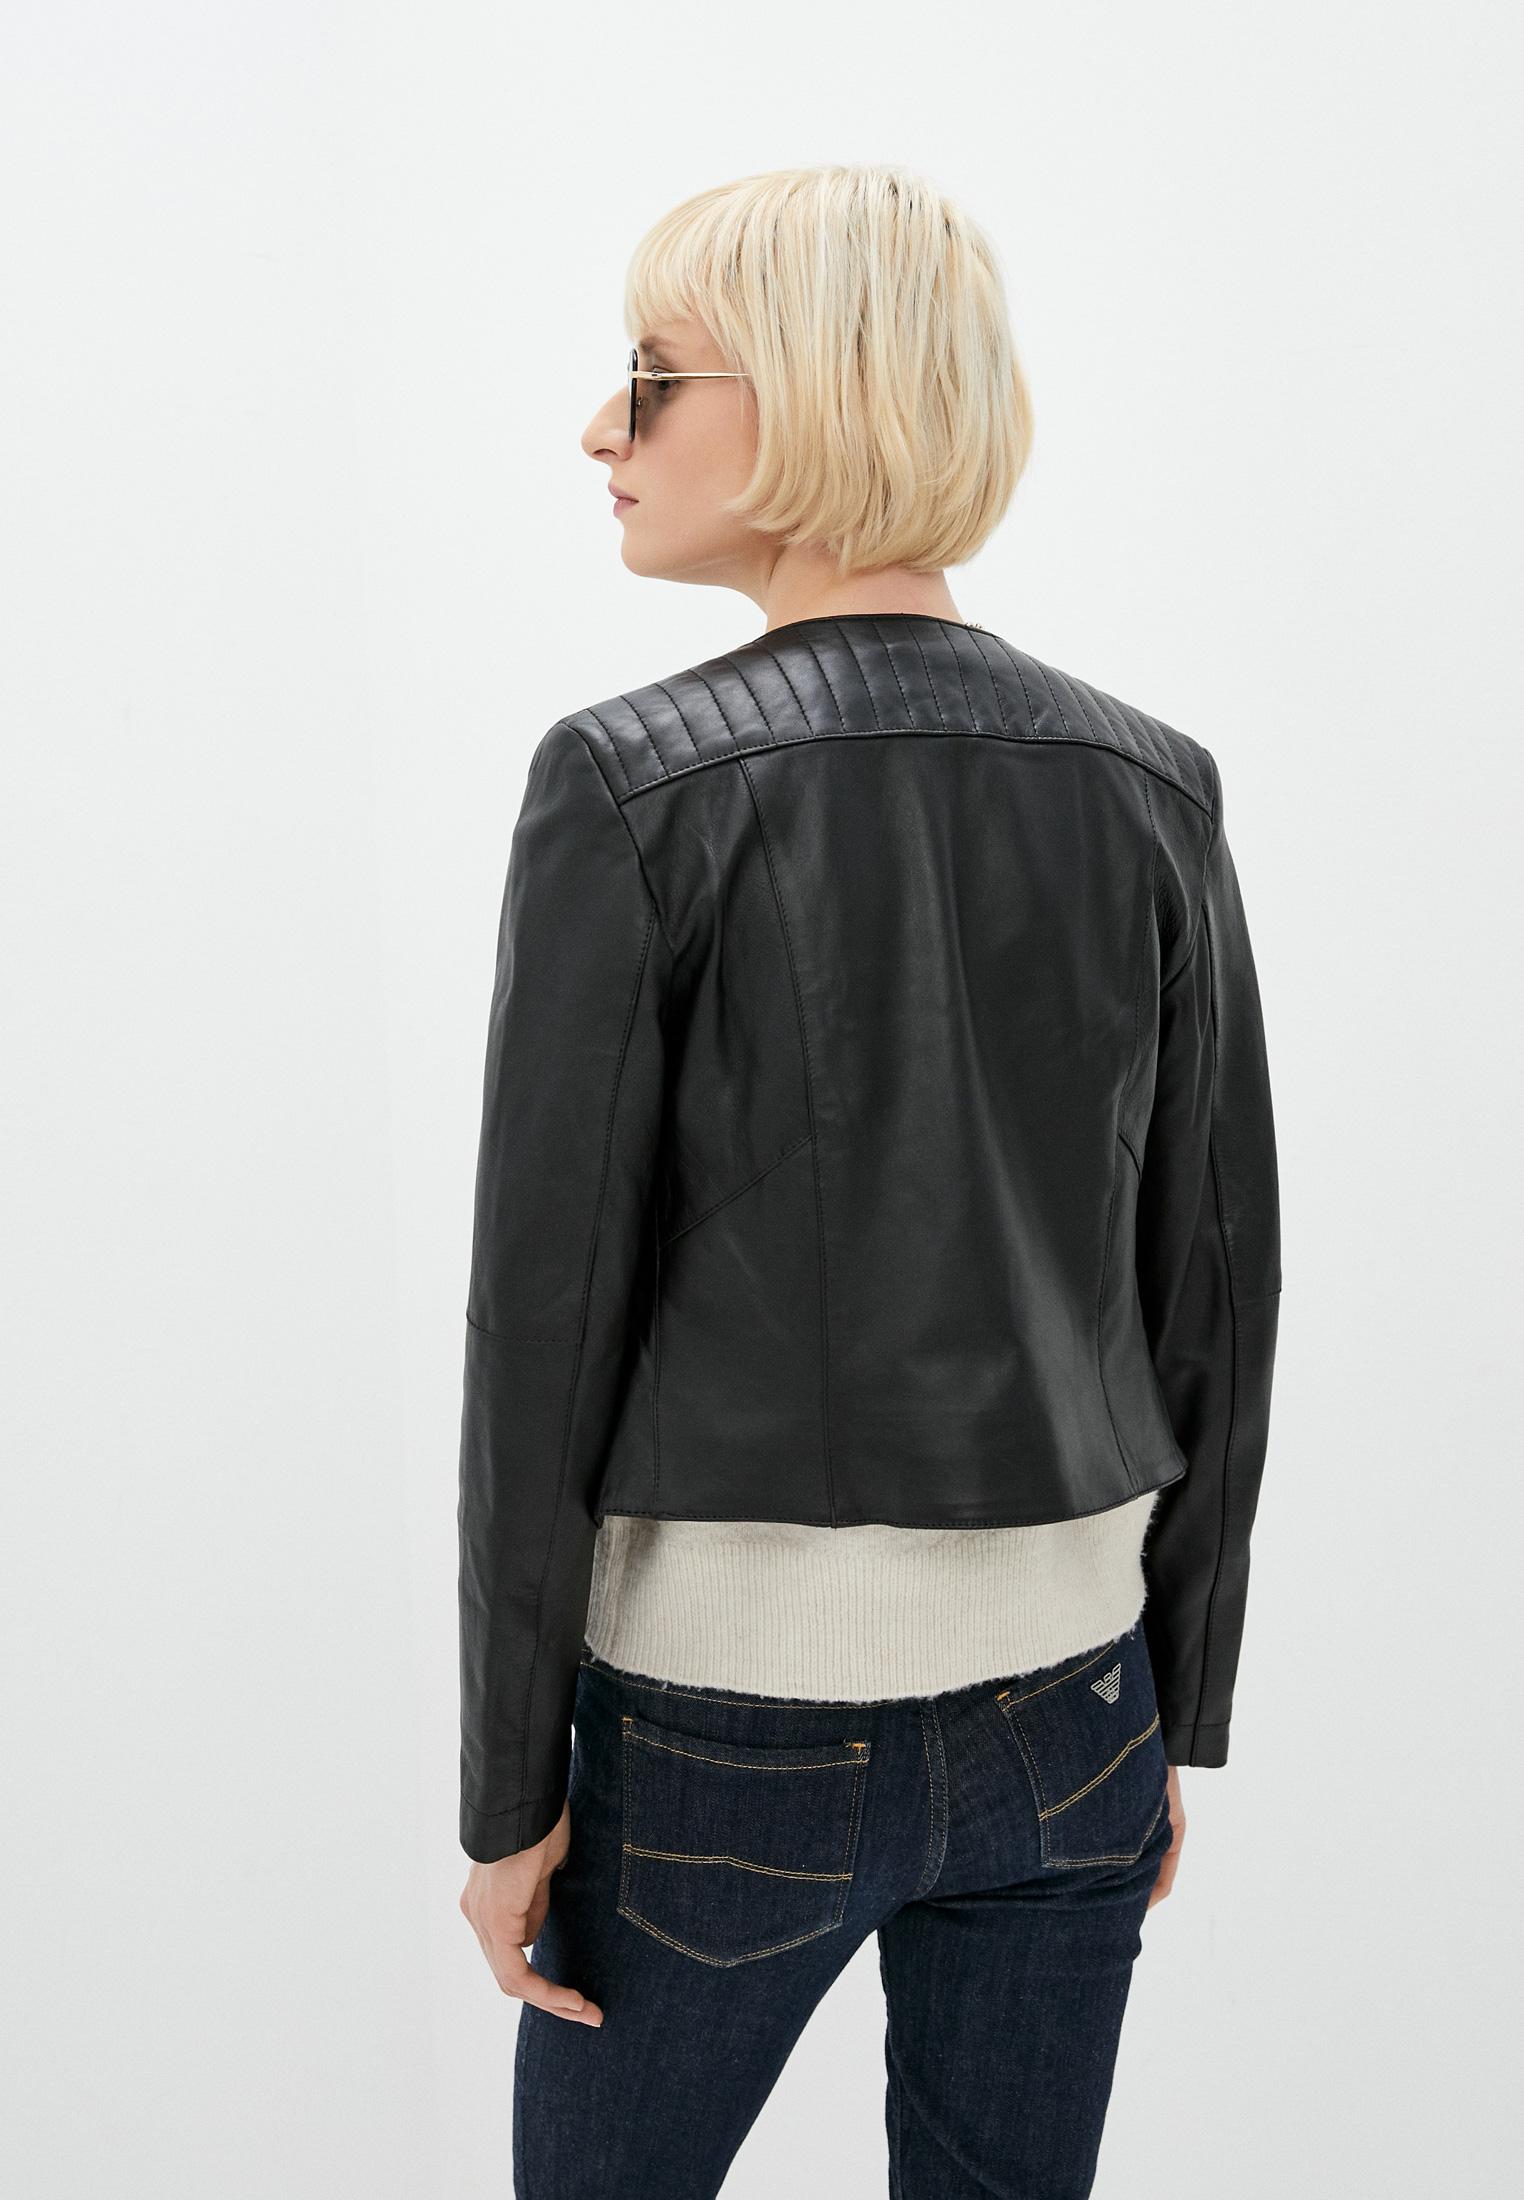 Кожаная куртка Patrizia Pepe (Патриция Пепе) CL0361 A1HZ: изображение 4